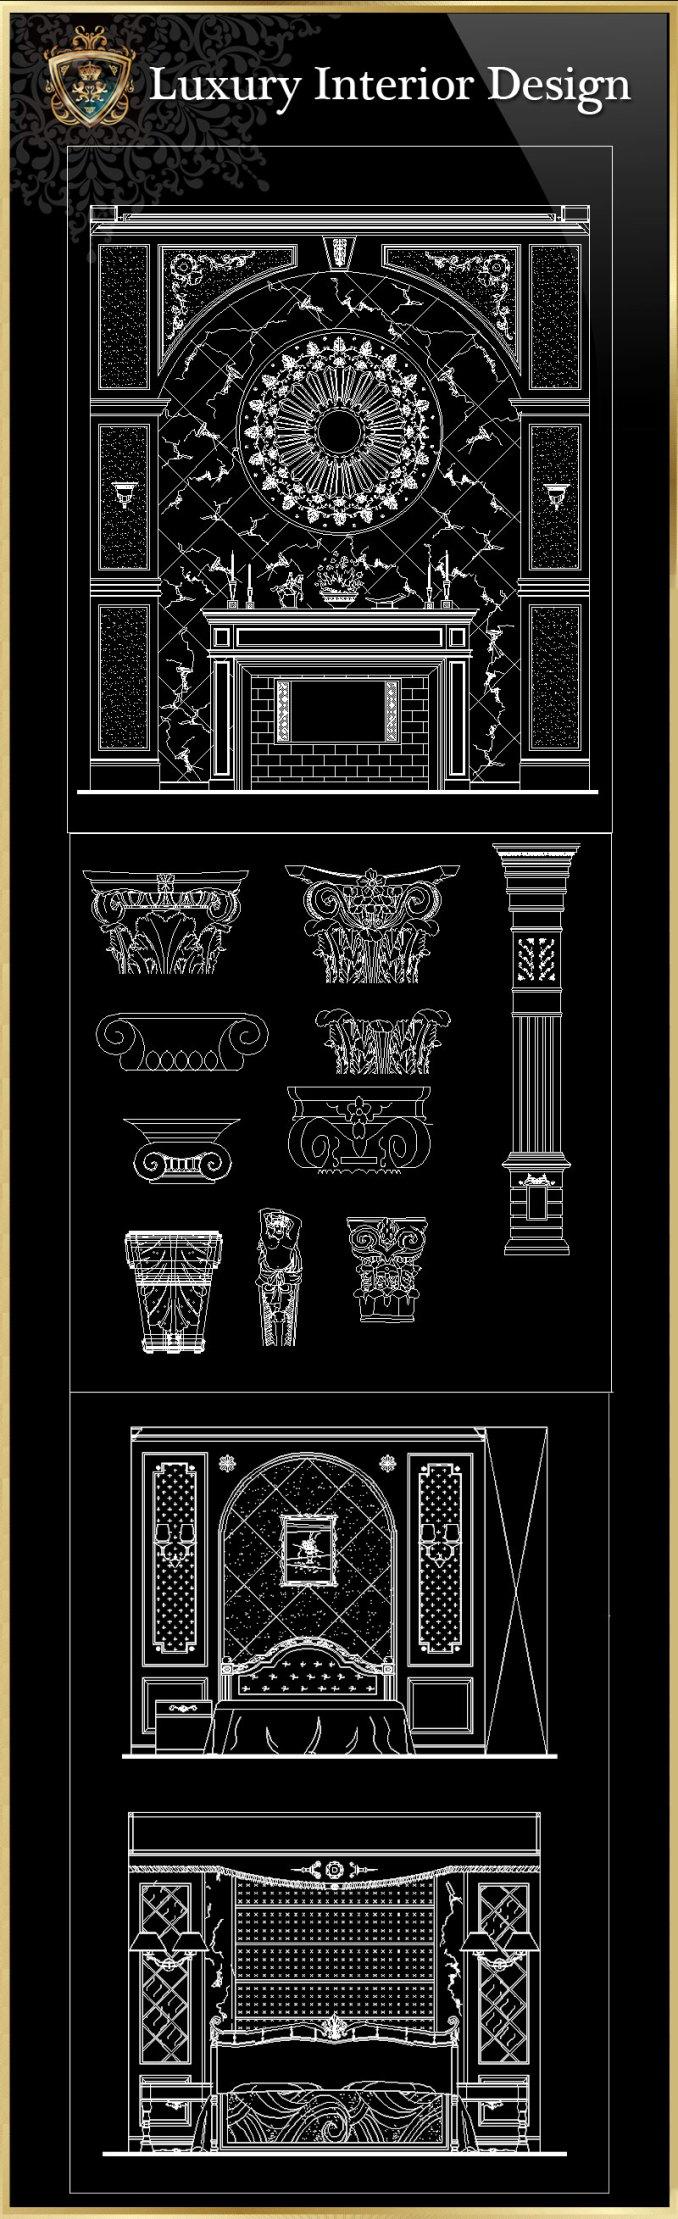 Innenarchitektur luxus  Luxus-Innenarchitektur CAD-Blöcke | FREE CAD BLOCKS & ZEICHNUNGEN ...